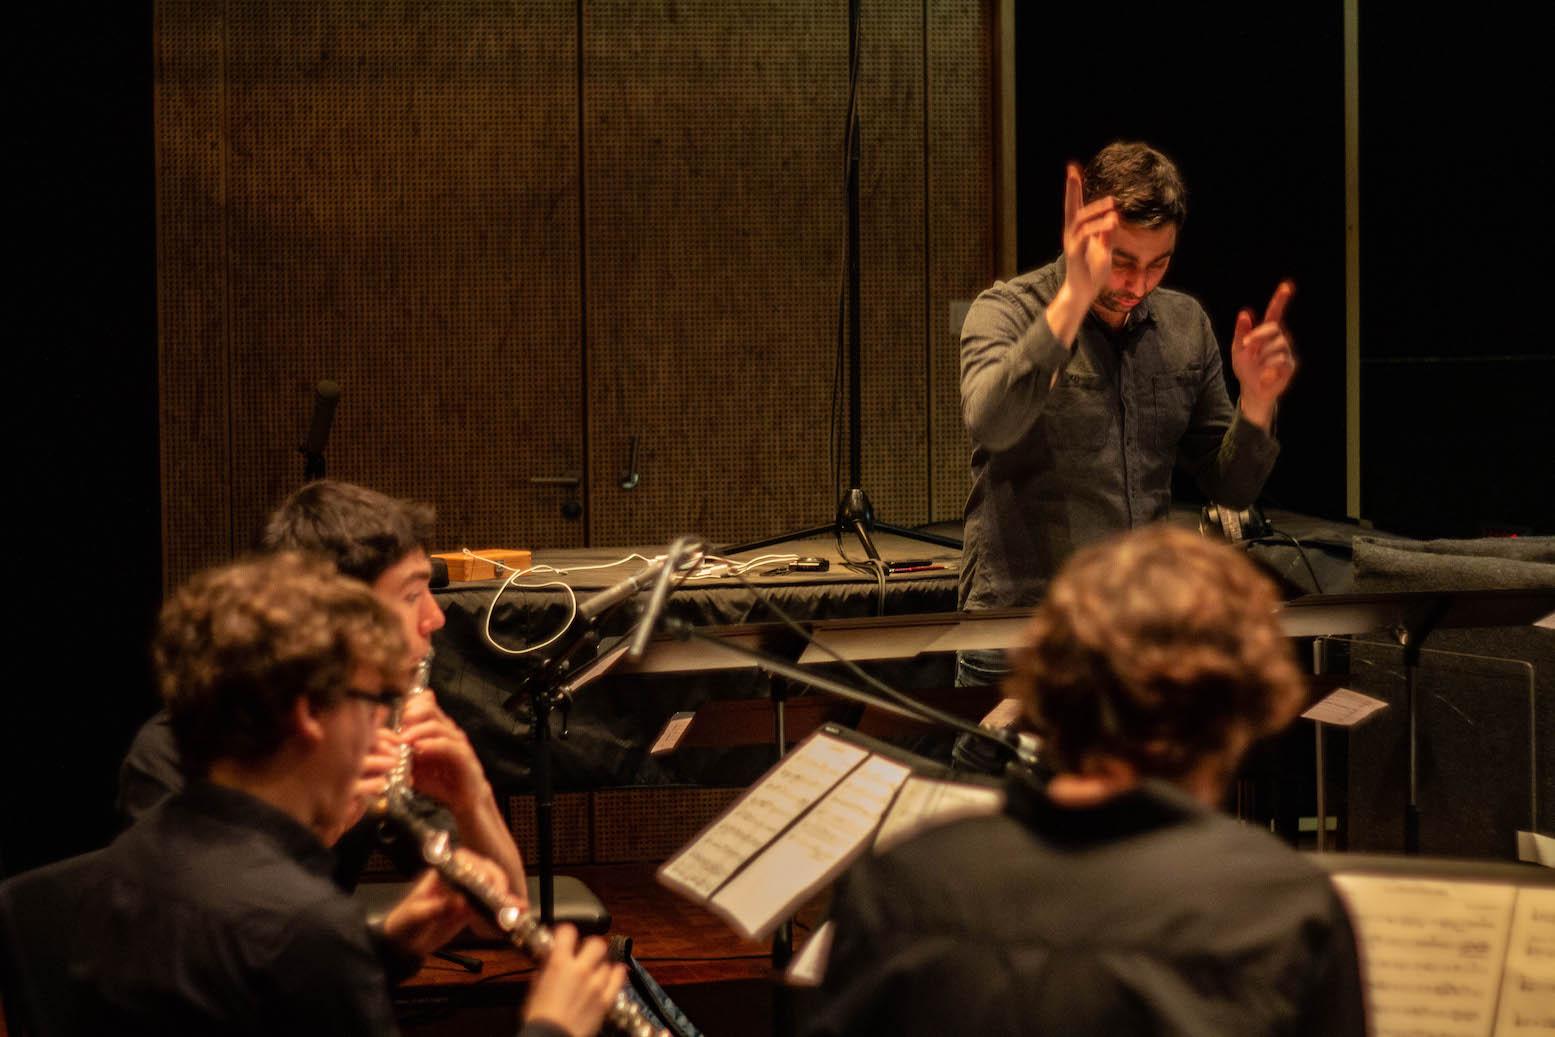 Mátyás-Szandai-Small-Ensemble-Session-09